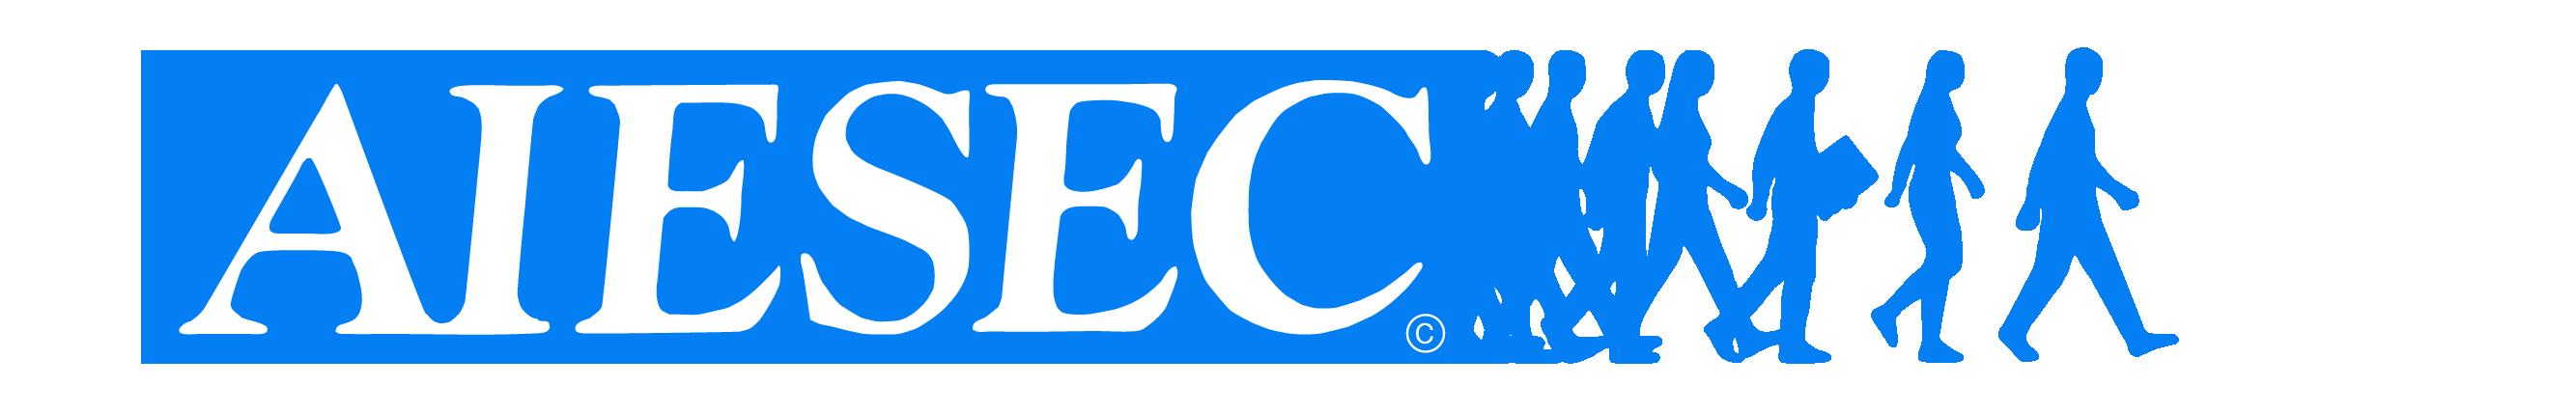 Asociatia AIESEC Oradea logo